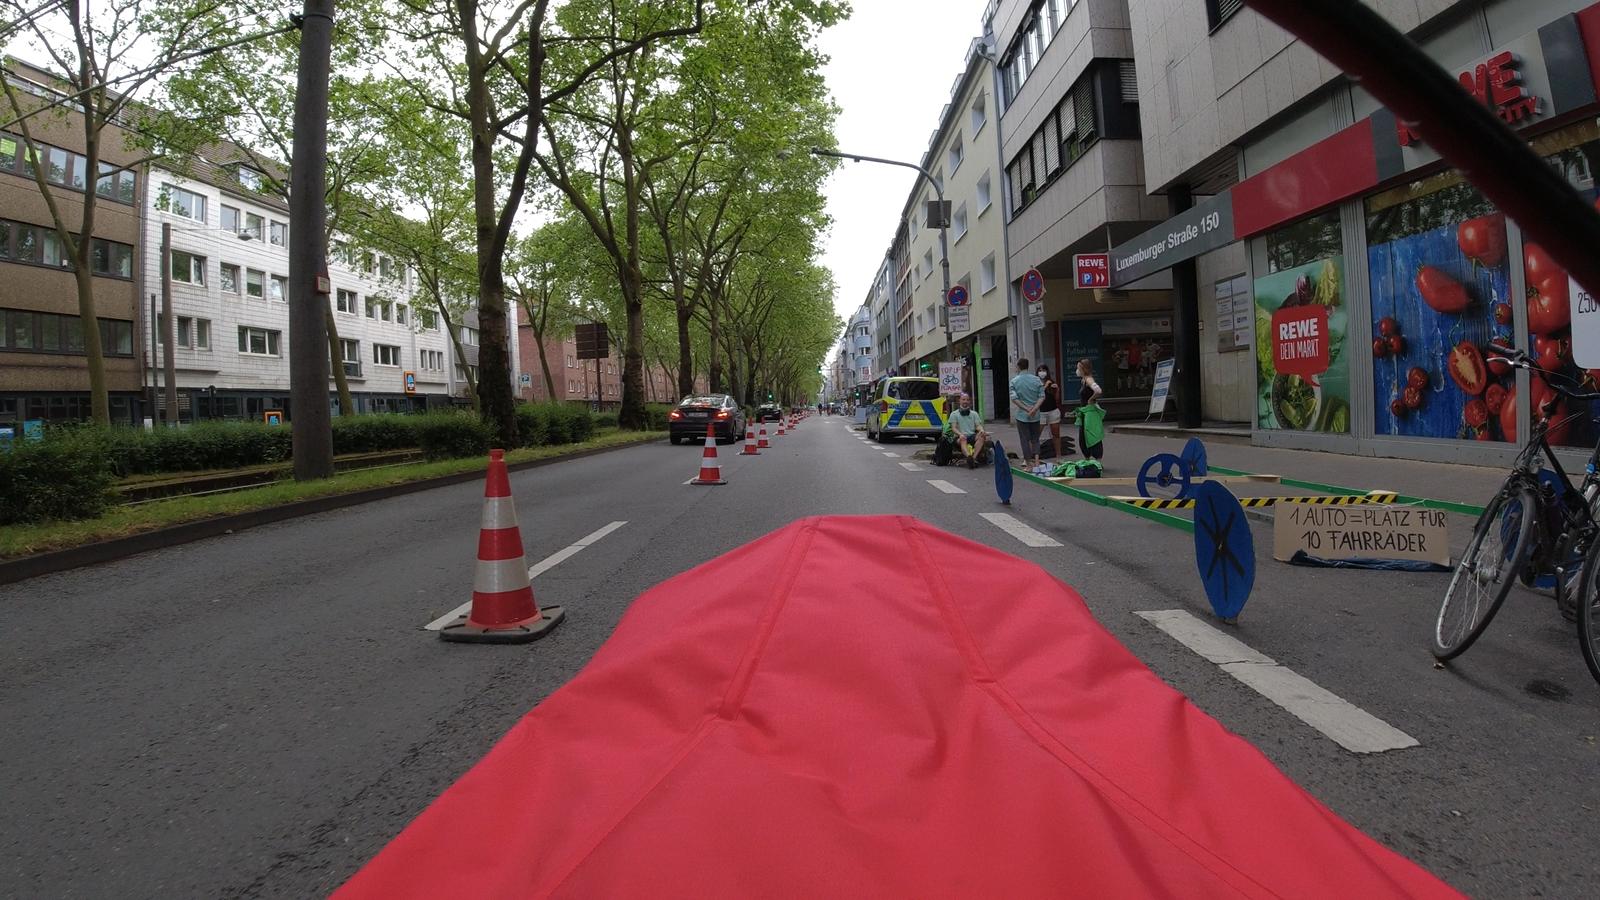 #gehzeug, #greenpeace, #weltfahrradtag, #worldbicycleday, #popupbikelane, #köln, #luxemburgerstraße,